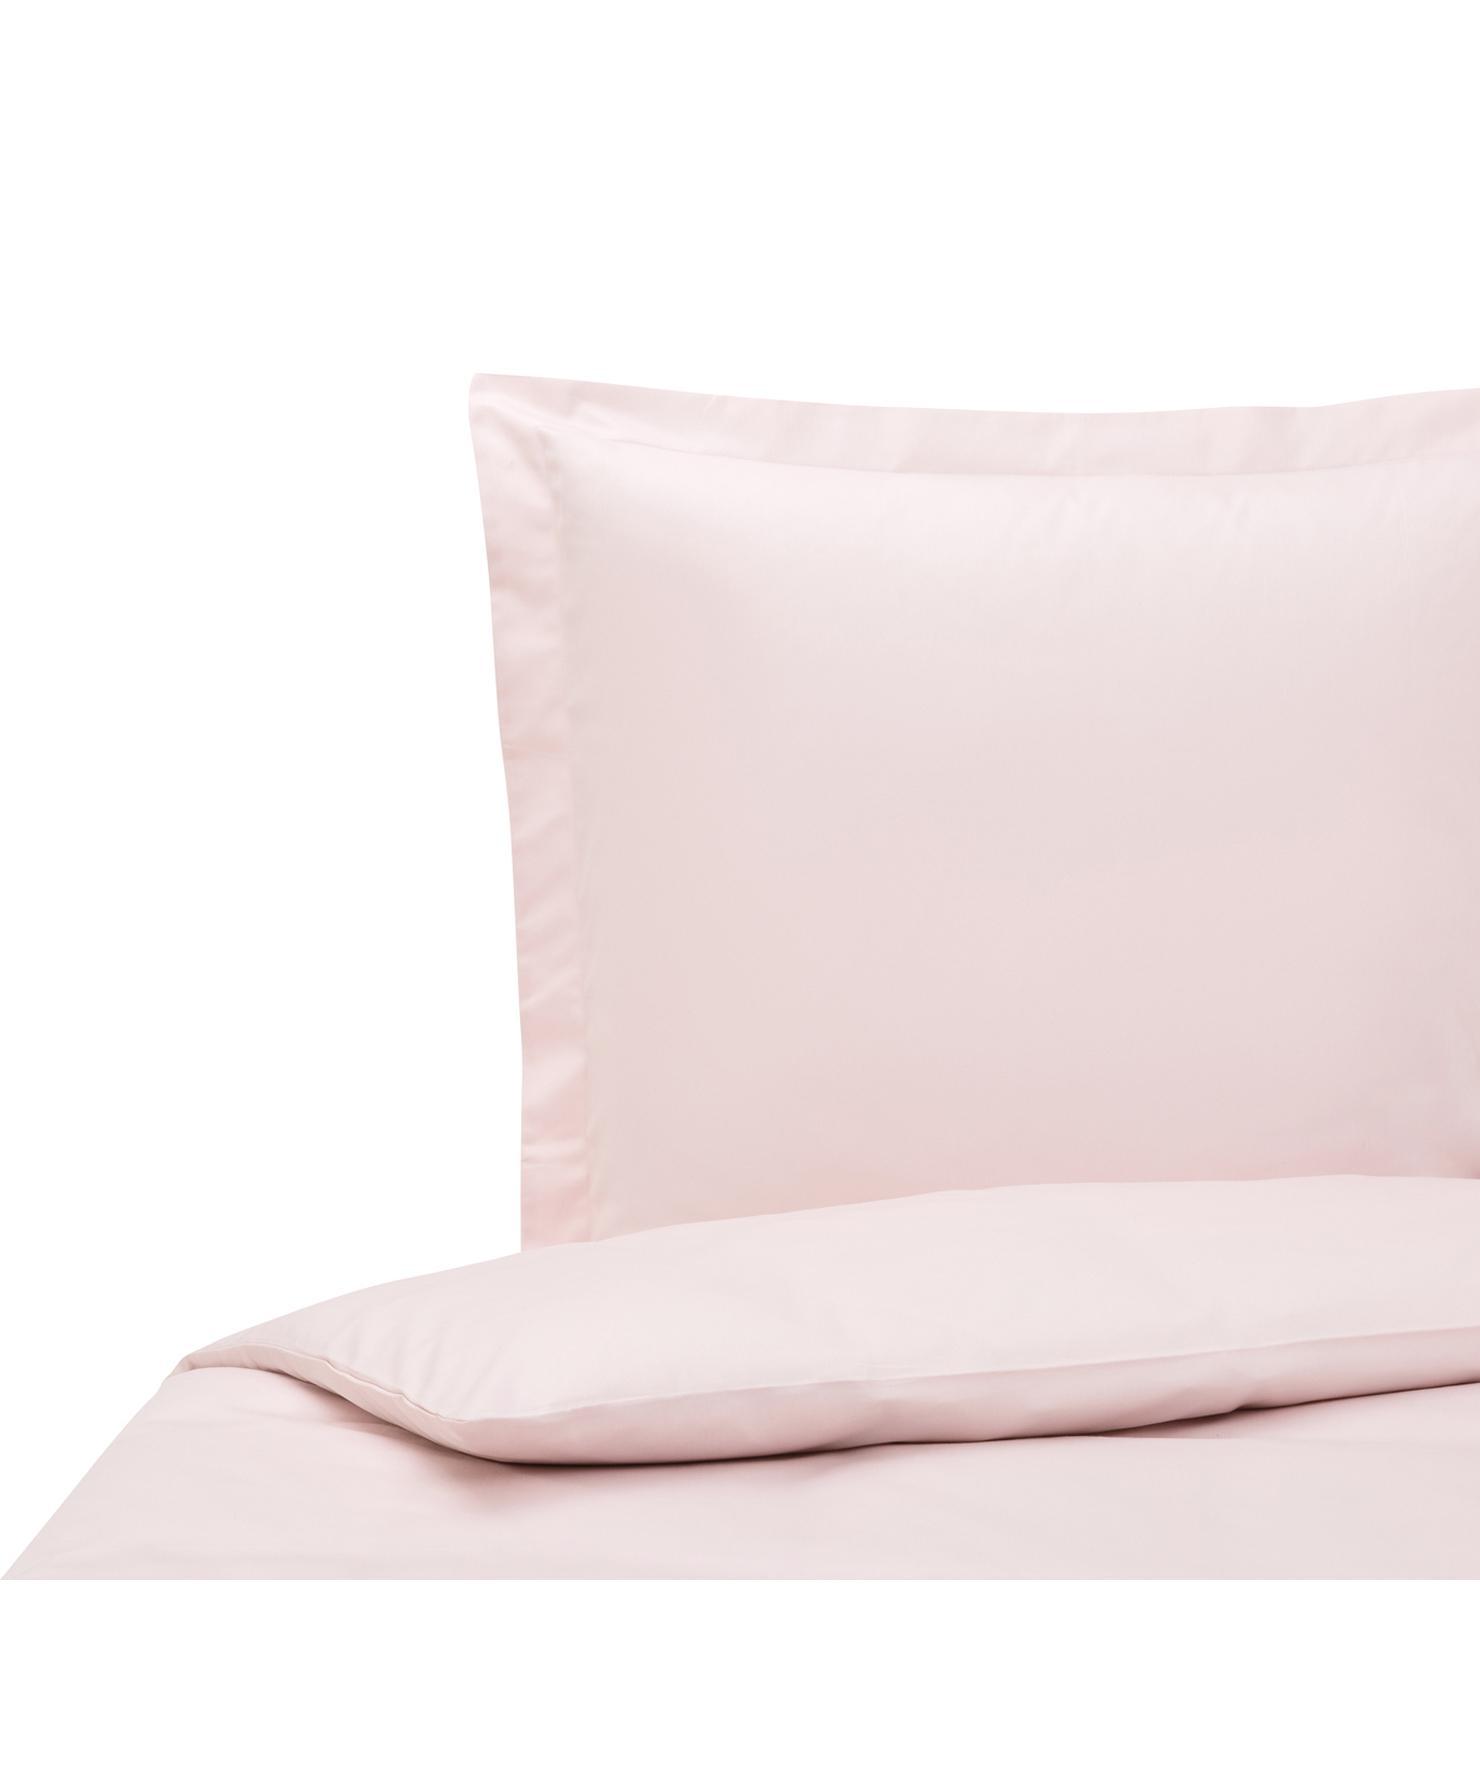 Katoensatijnen dekbedovertrek Premium, Weeftechniek: satijn, licht glanzend, Roze, 140 x 200 cm